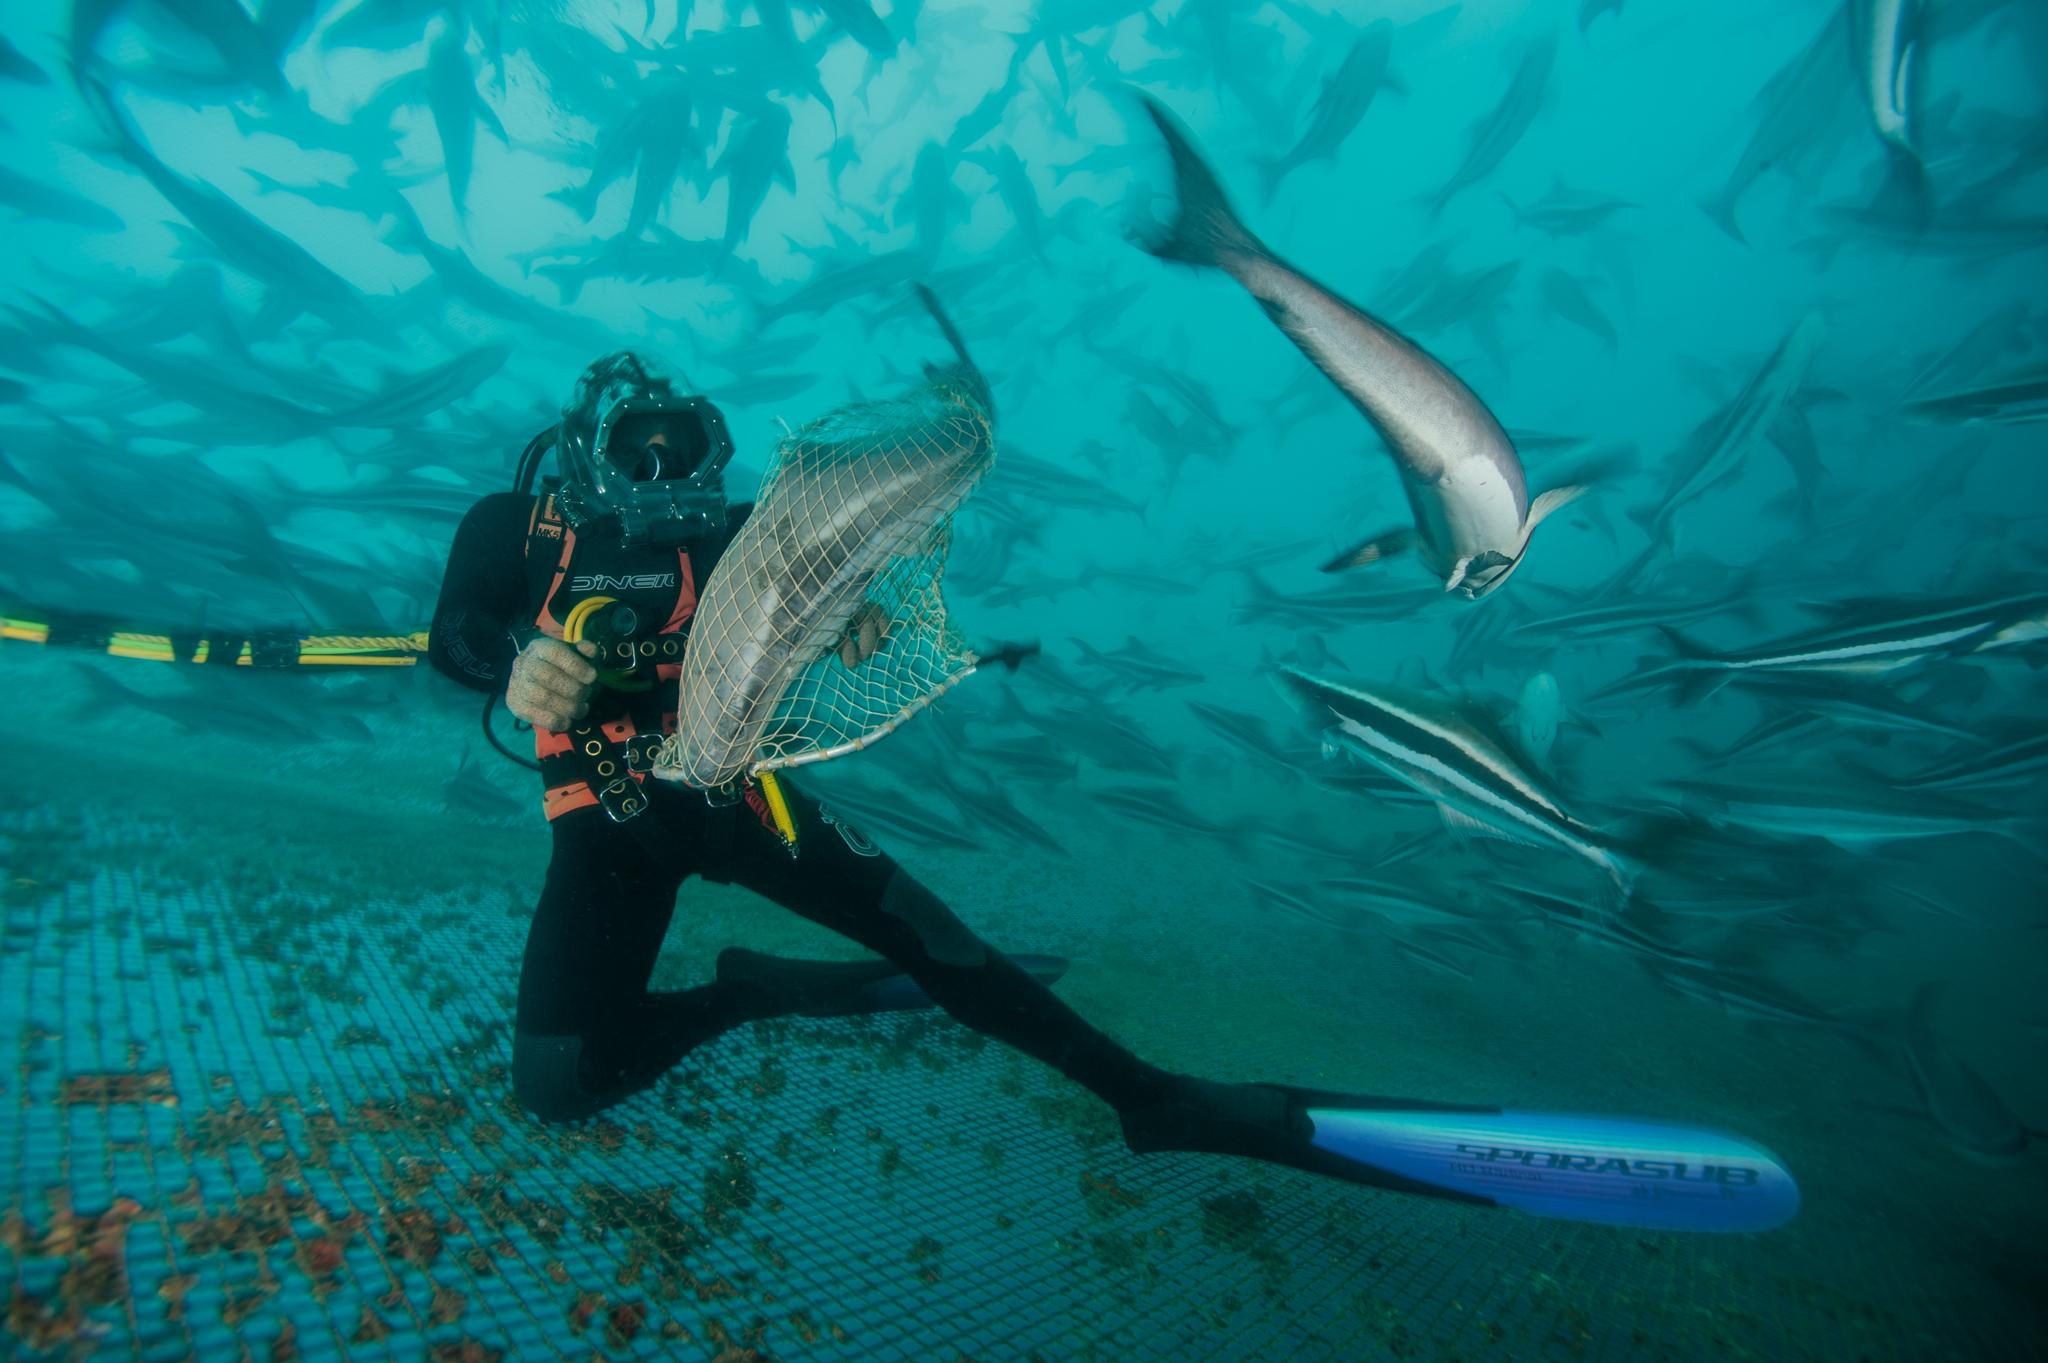 Thợ lặn và các thiết bị ROV tốc độ cao có thể khiến cá nuôi sợ hãi. Ảnh: National Geographic.